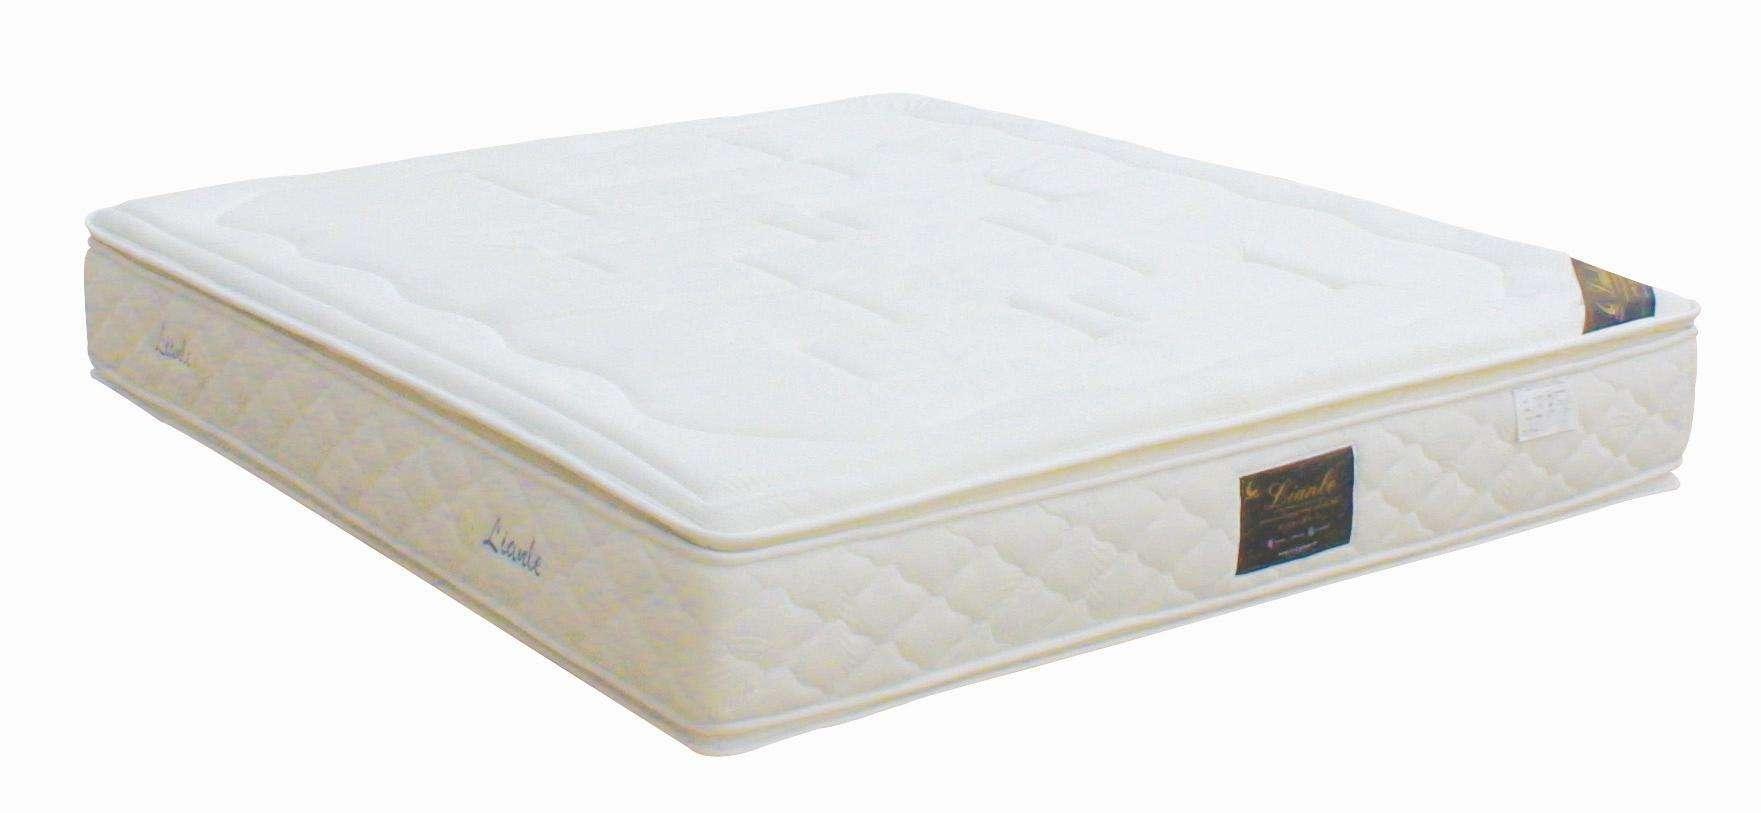 床垫材质介绍大全